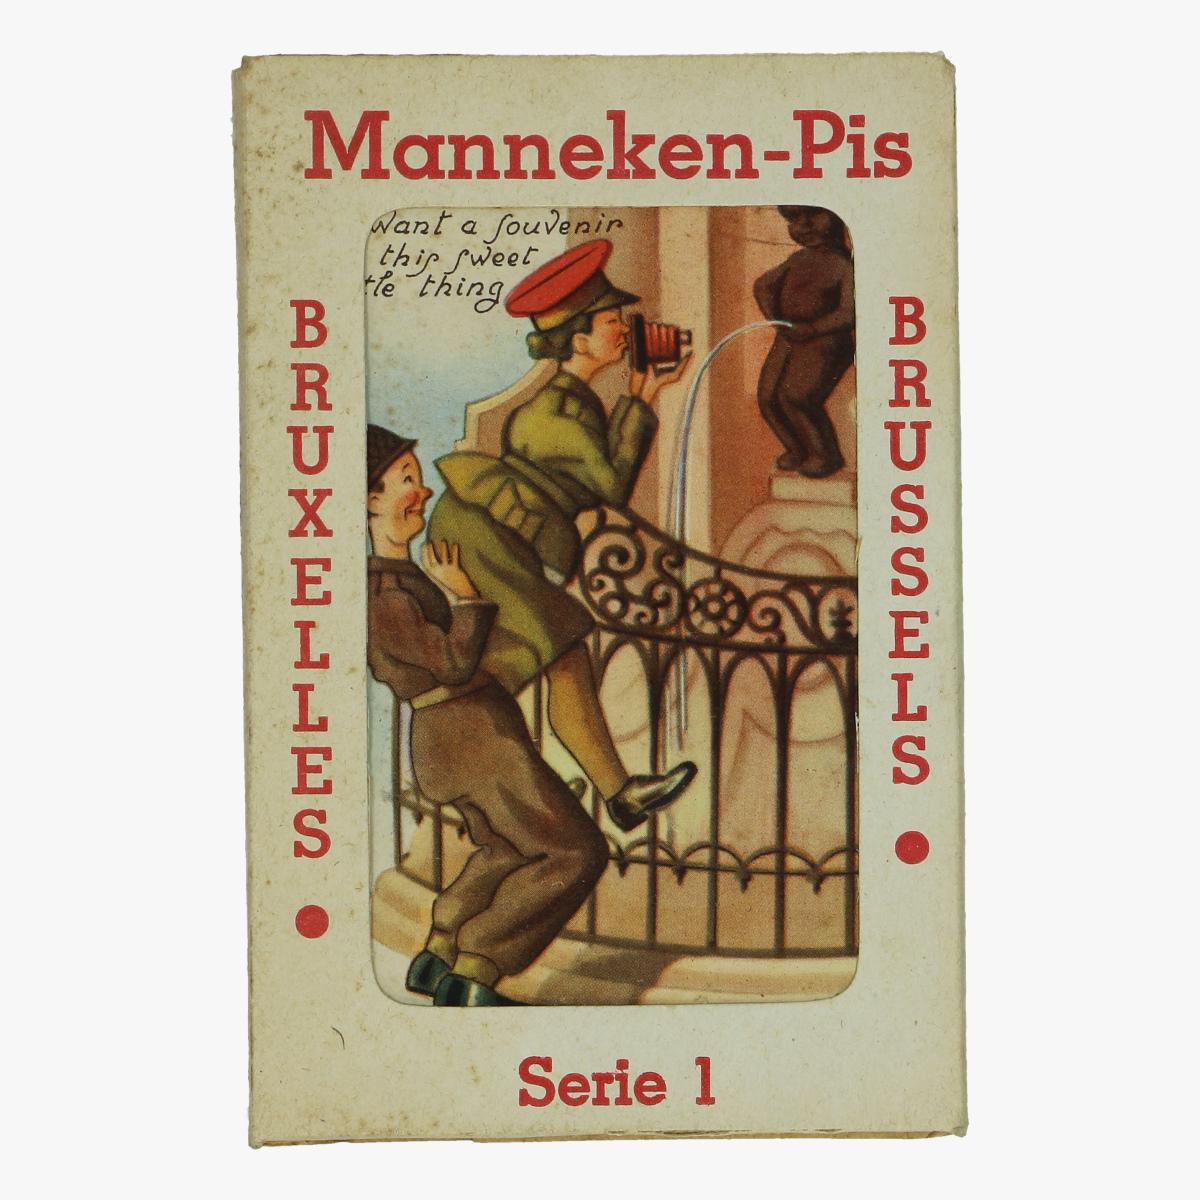 Afbeeldingen van mannekes-pis brusselt postkaarten 10 stuks serie 1